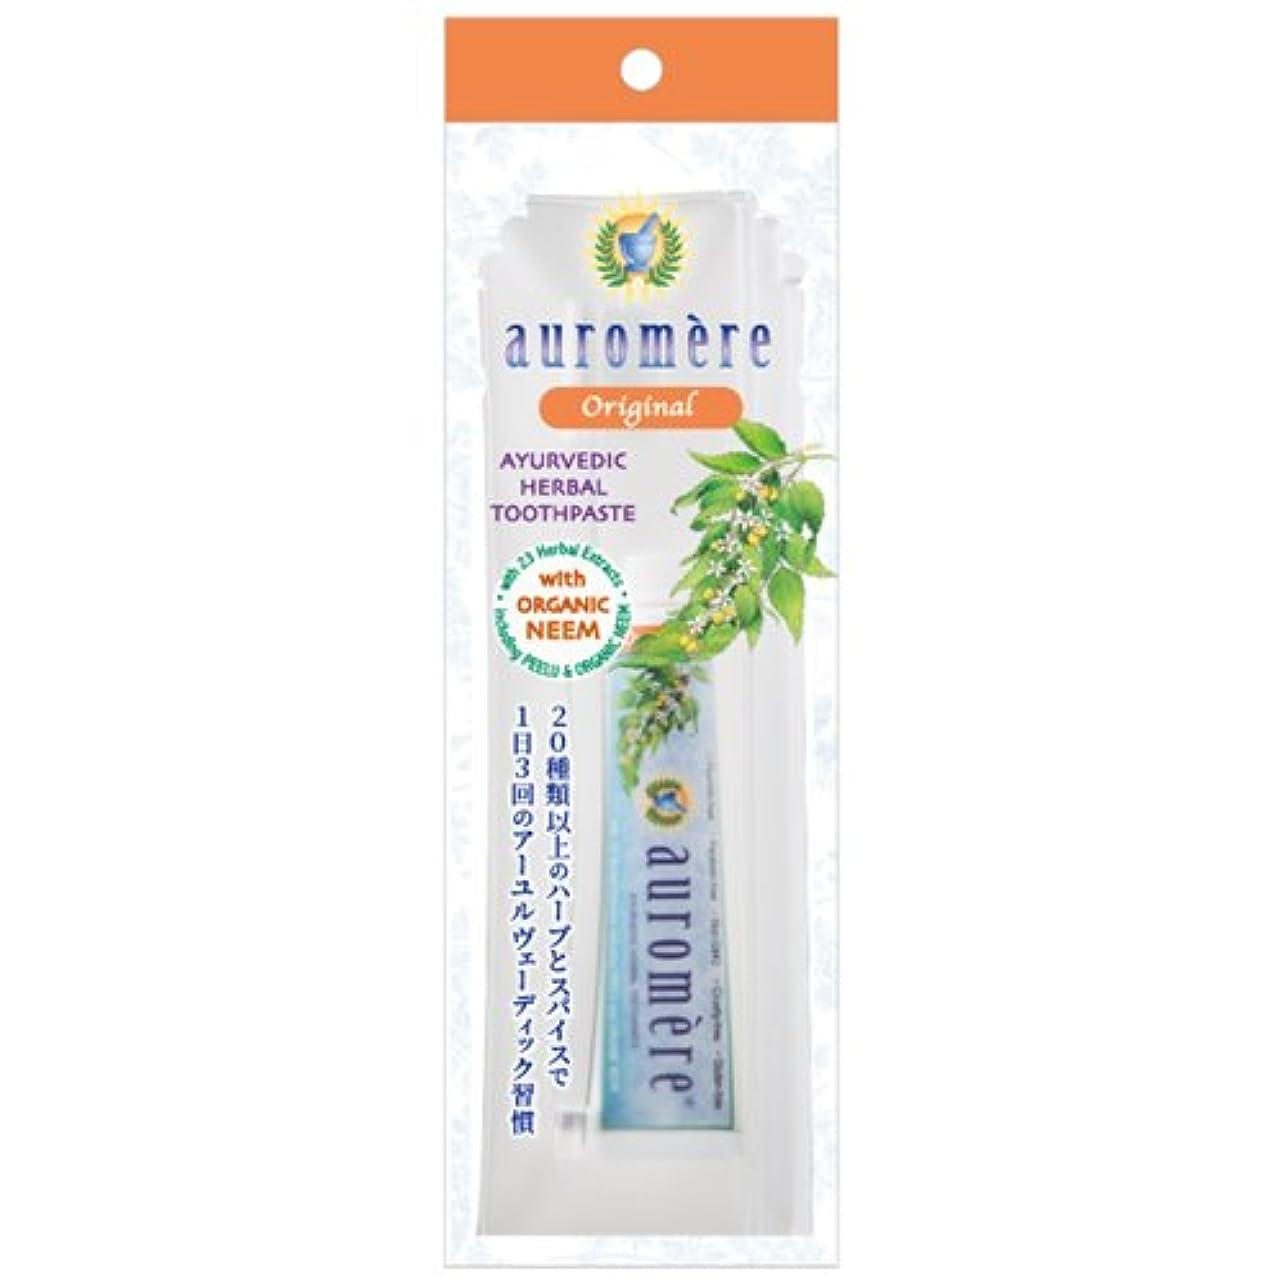 ガジュマル発見する適合オーロメア 歯磨き粉 オリジナル トラベルセット (30g)